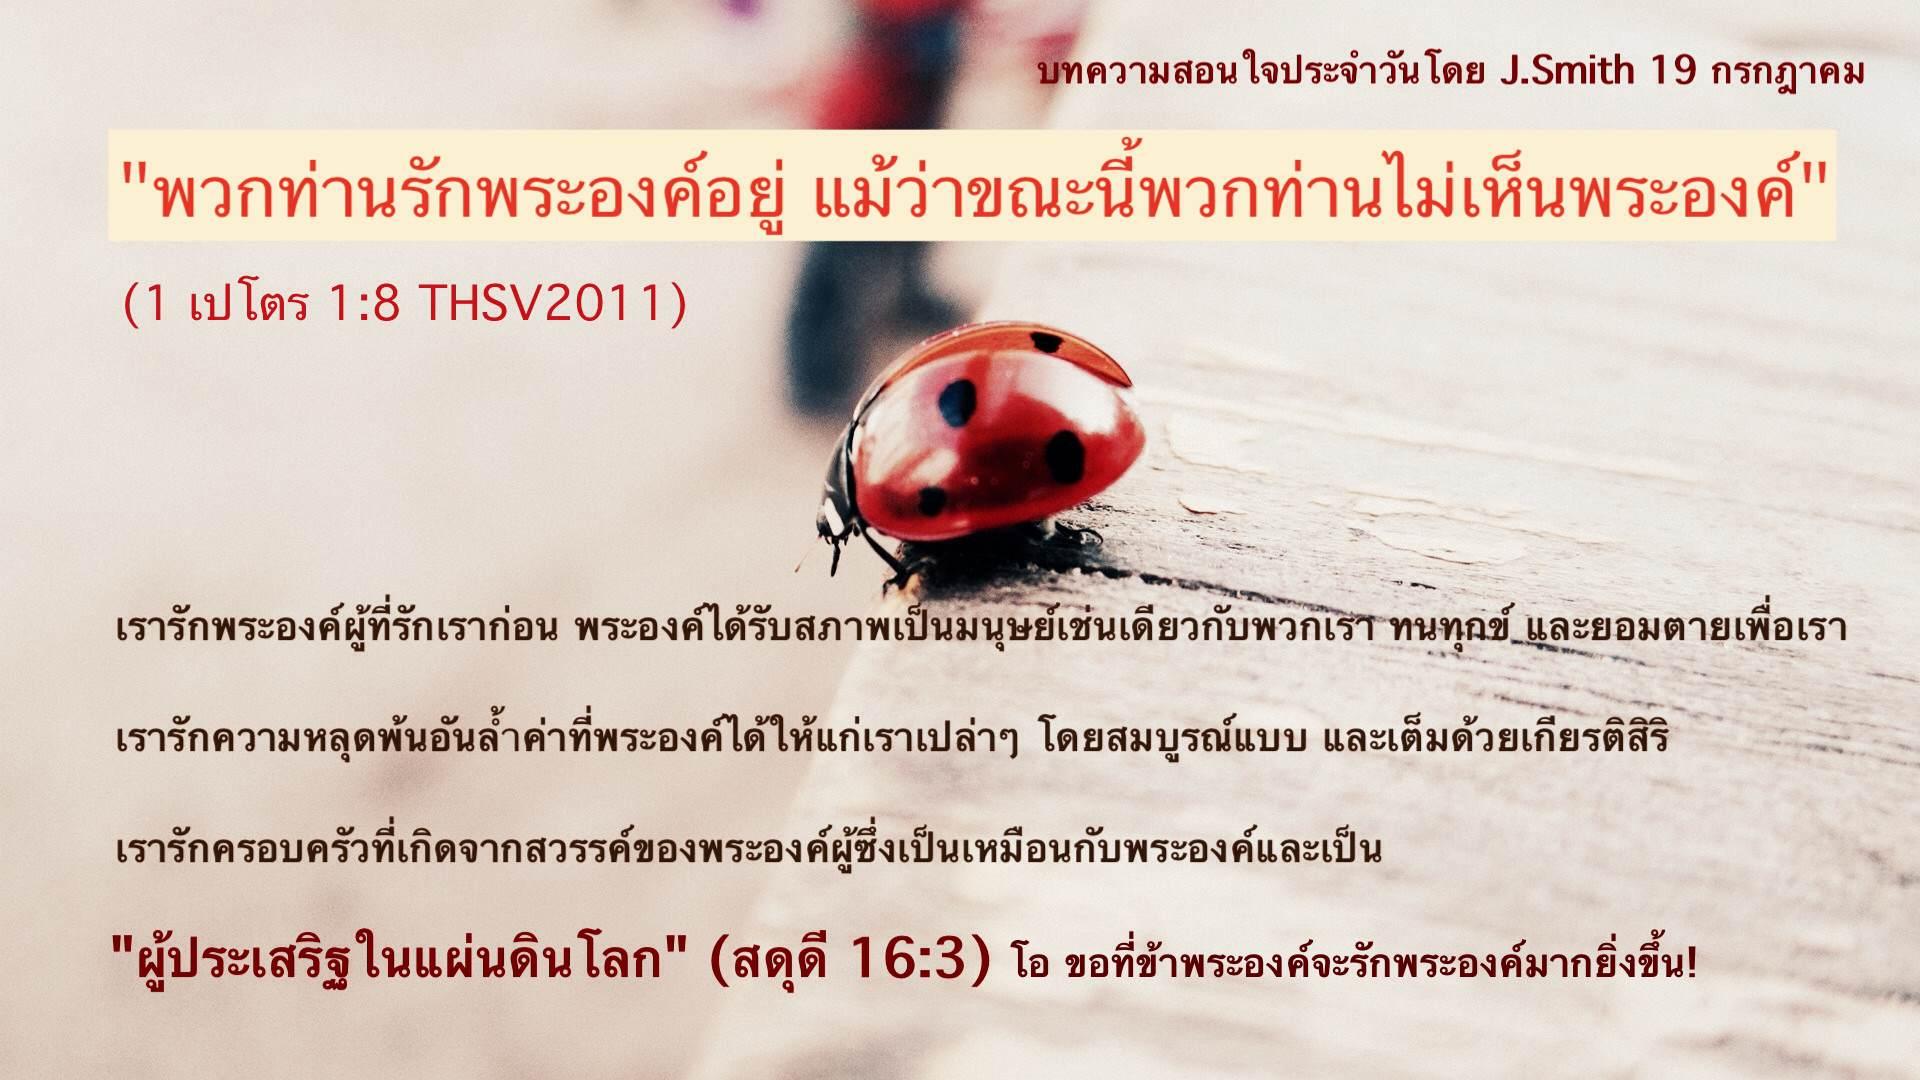 """""""พวกท่านรักพระองค์อยู่ แม้ว่าขณะนี้พวกท่านไม่เห็นพระองค์"""" (1 เปโตร 1:8)"""